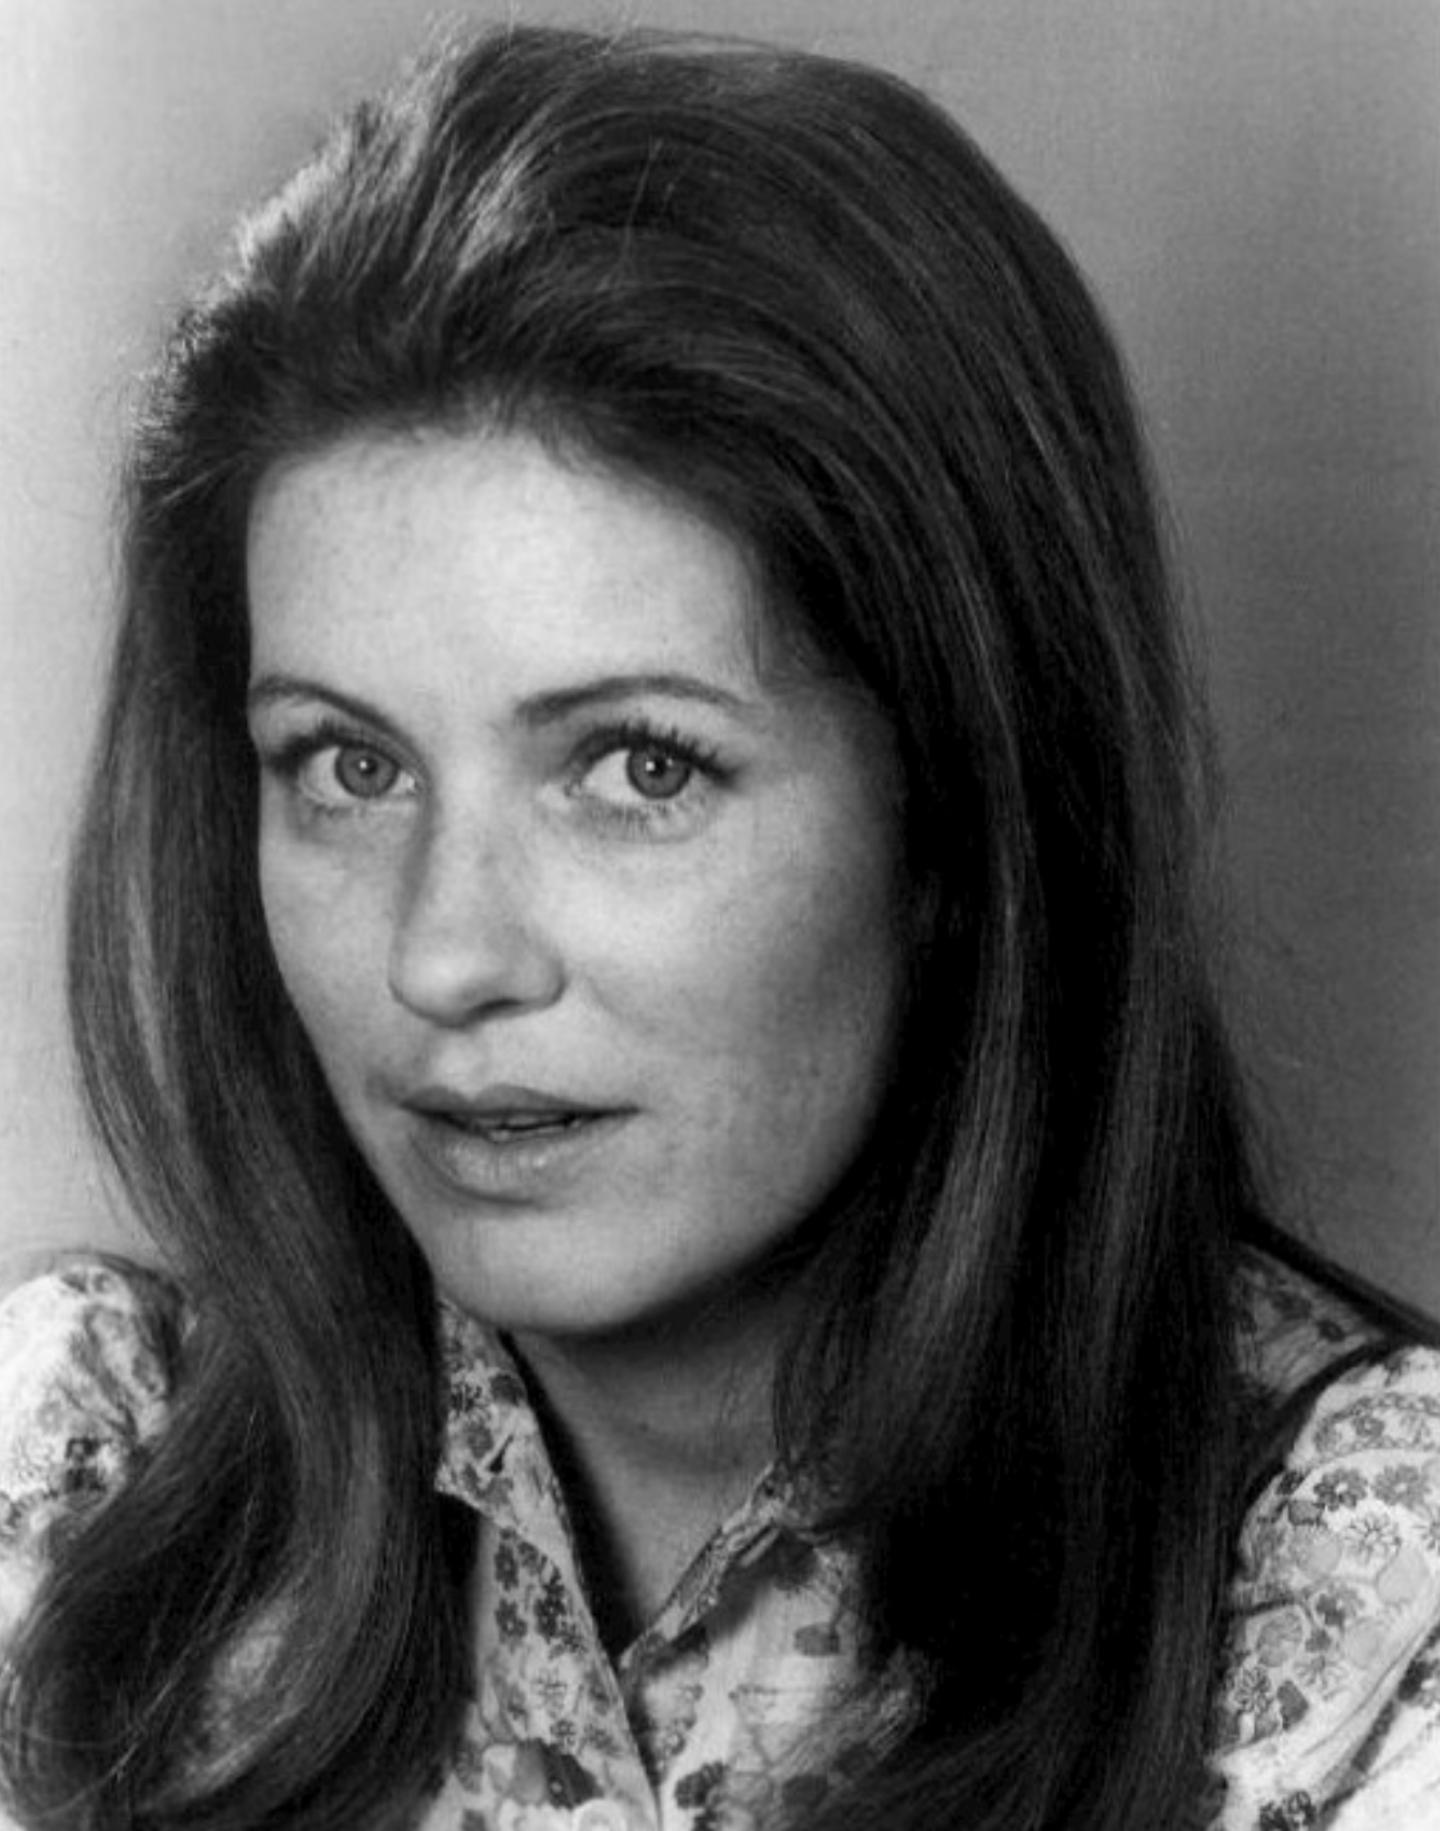 Patty Duke,1975